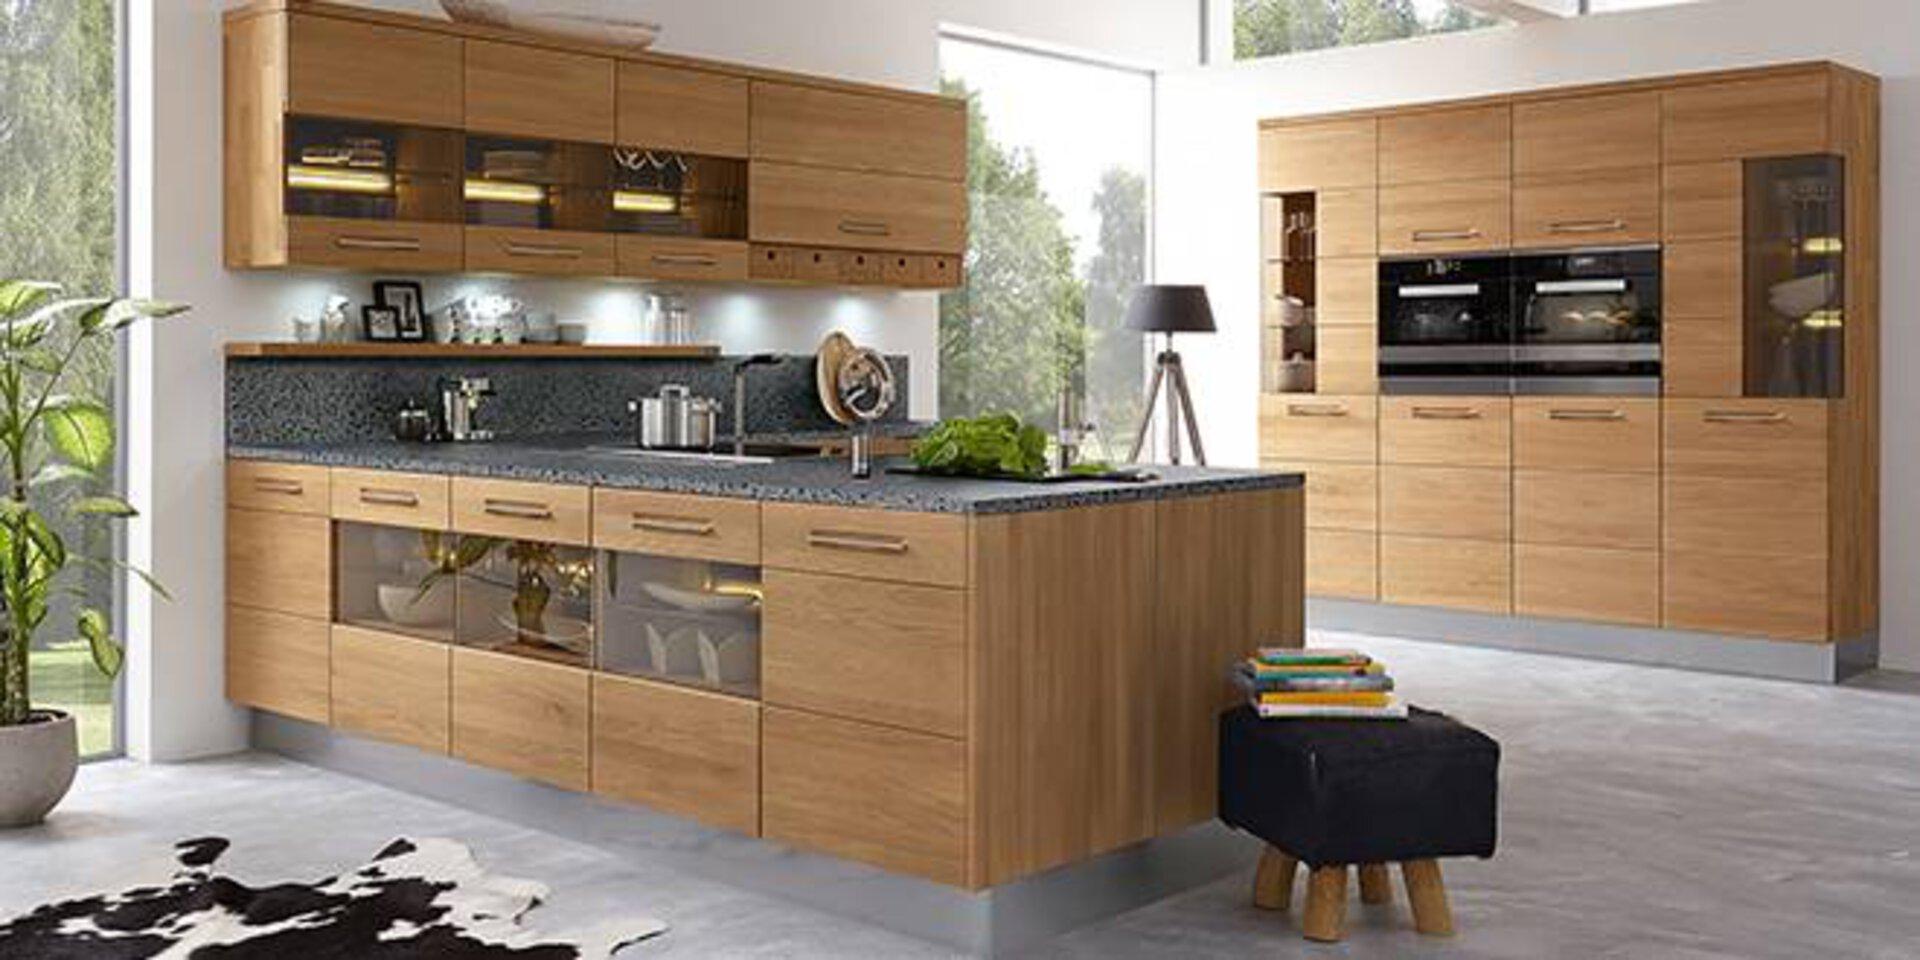 Moderne Küche aus Massivholz und Naturstein-Arbeitsplatte. Die Küche ist in L-Form gestaltet, wobei ein Teil als Kücheninsel den Raum zum Wohnbereich abtrennt. Die edle First-Calls-Küche ist von der Marke Decker.